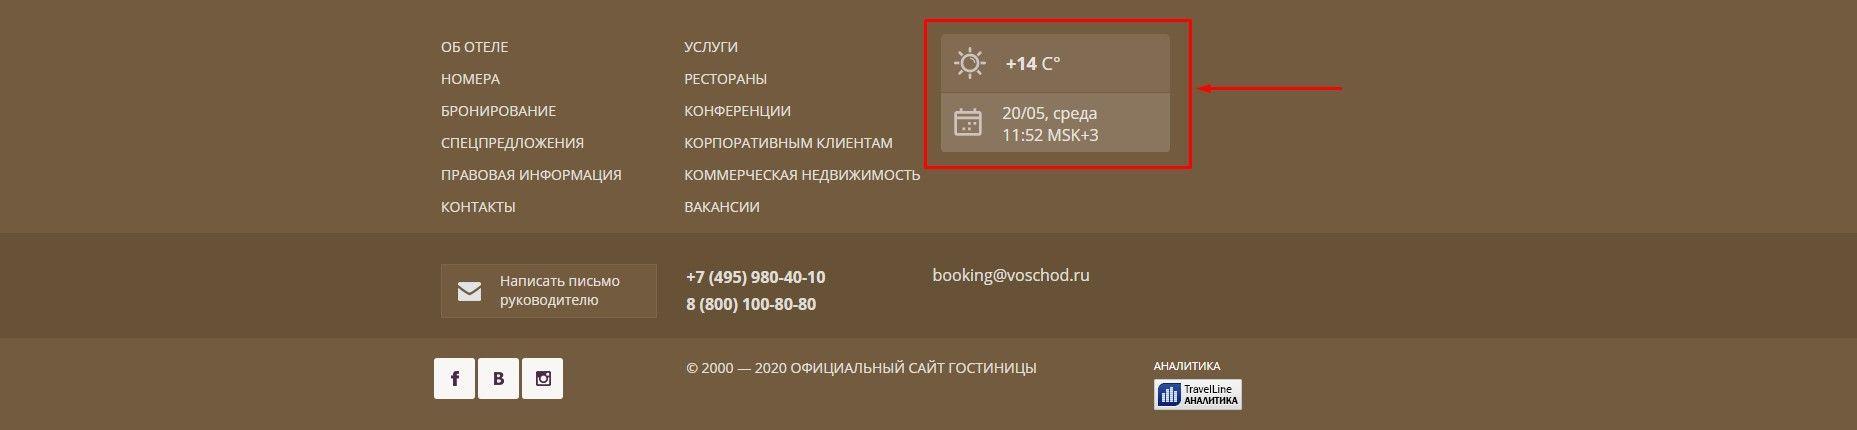 Виджет погоды в футере на примере voschod.ru